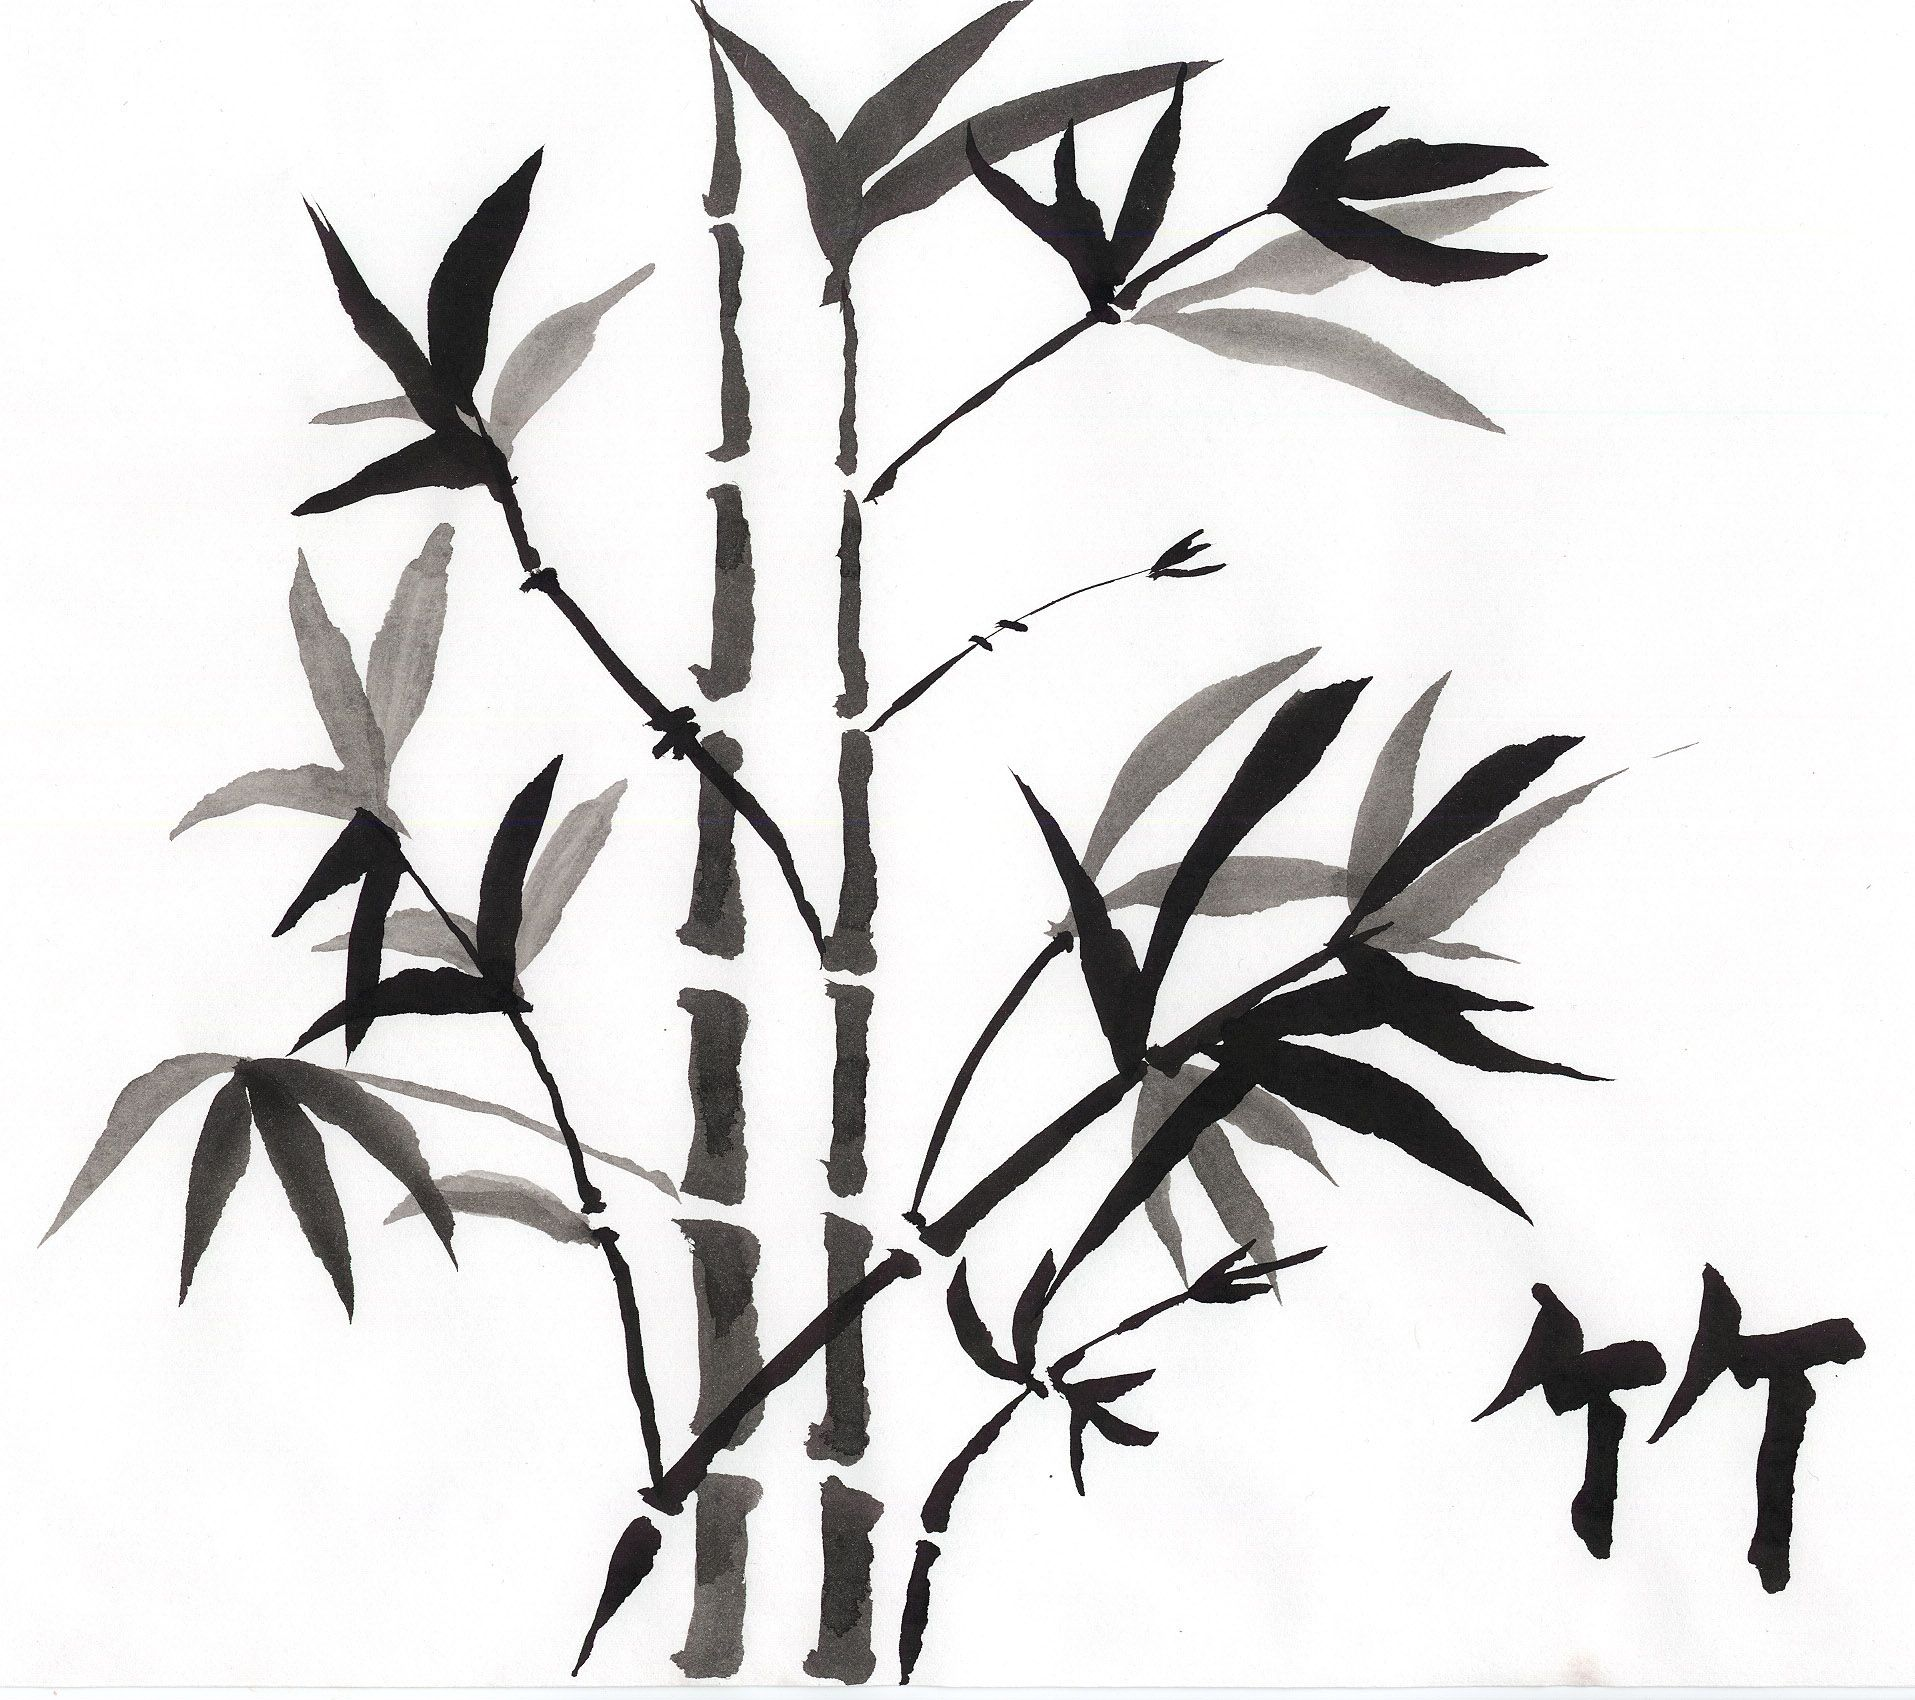 1915x1700 jeri's bamboo shoots bamboo bamboo art, bamboo drawing, art